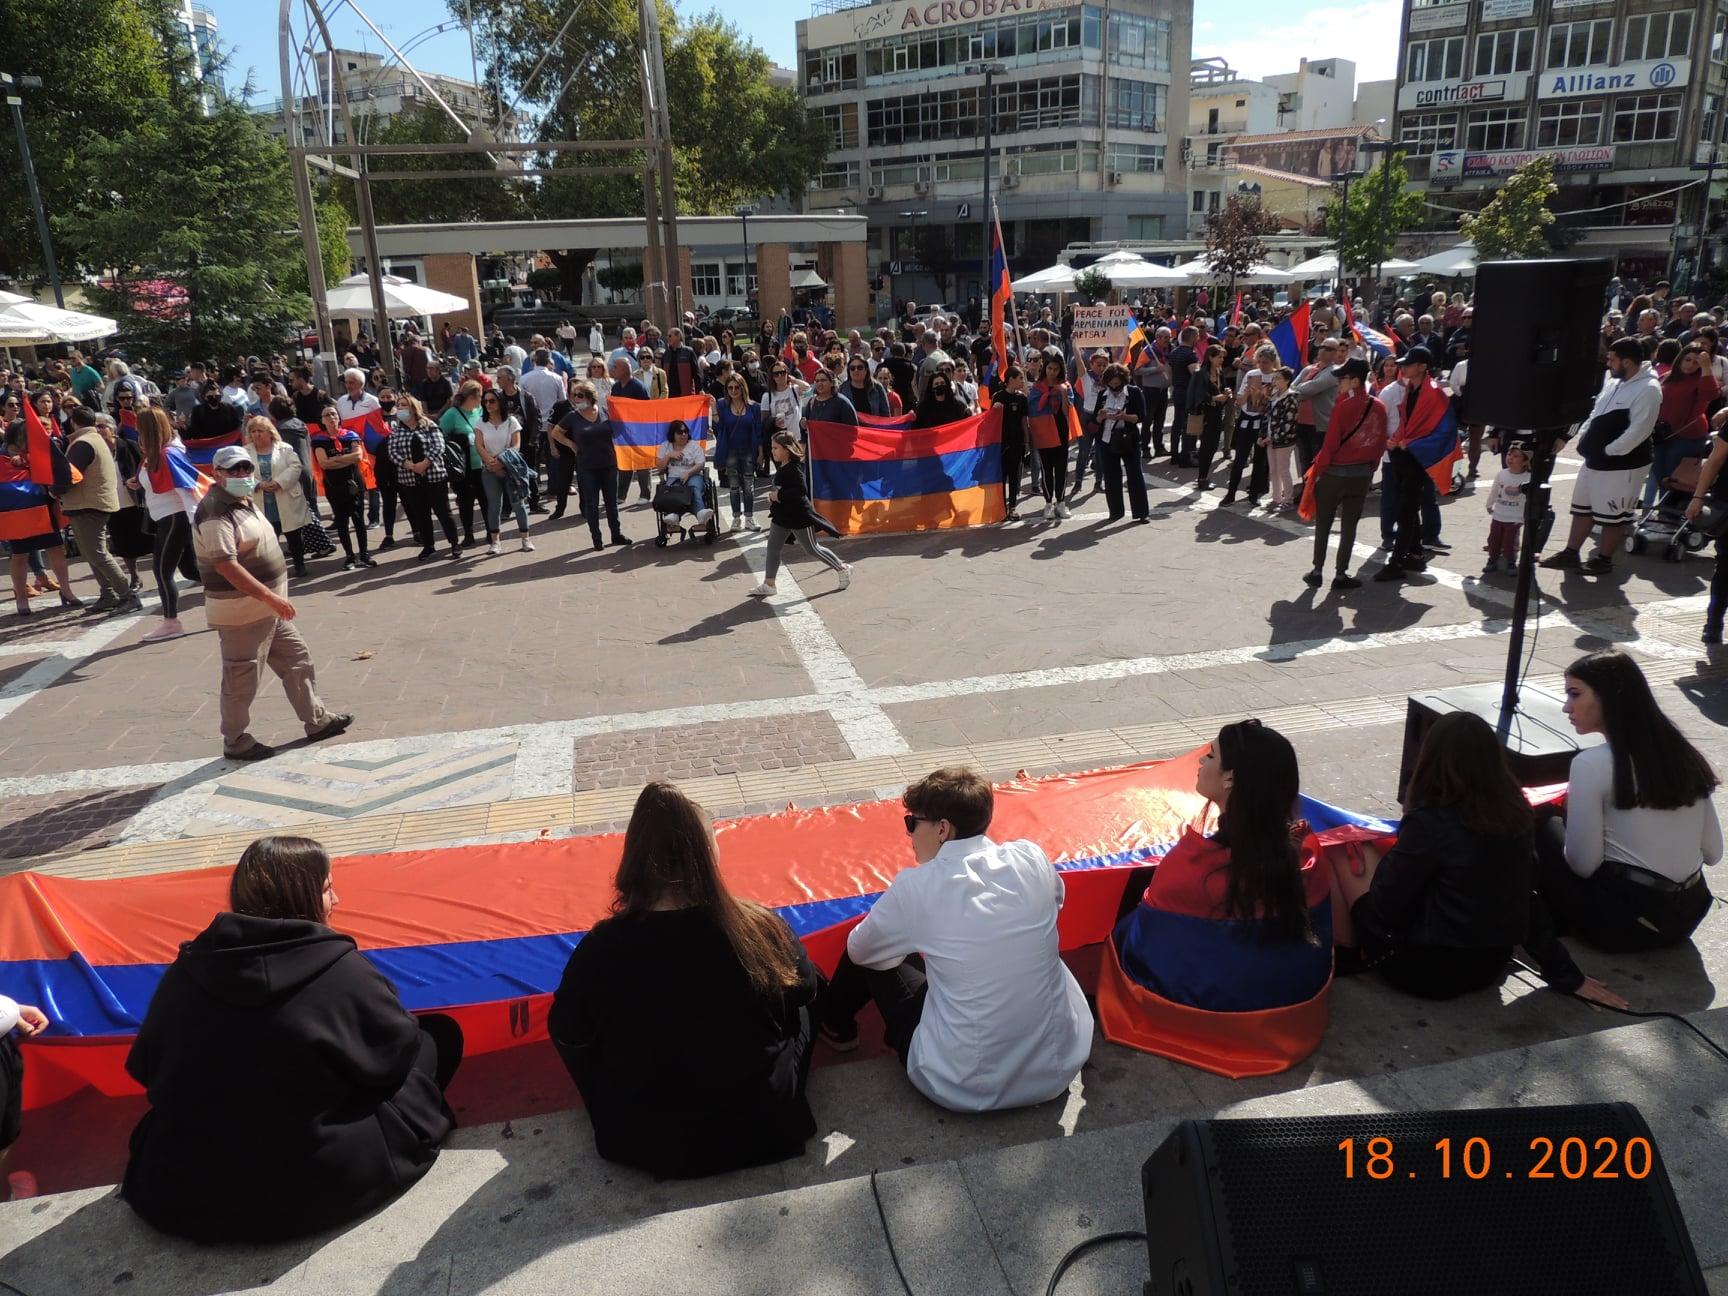 Μουσικό μήνυμα ειρήνης από την πλατεία της Ξάνθης για την Αρμενία